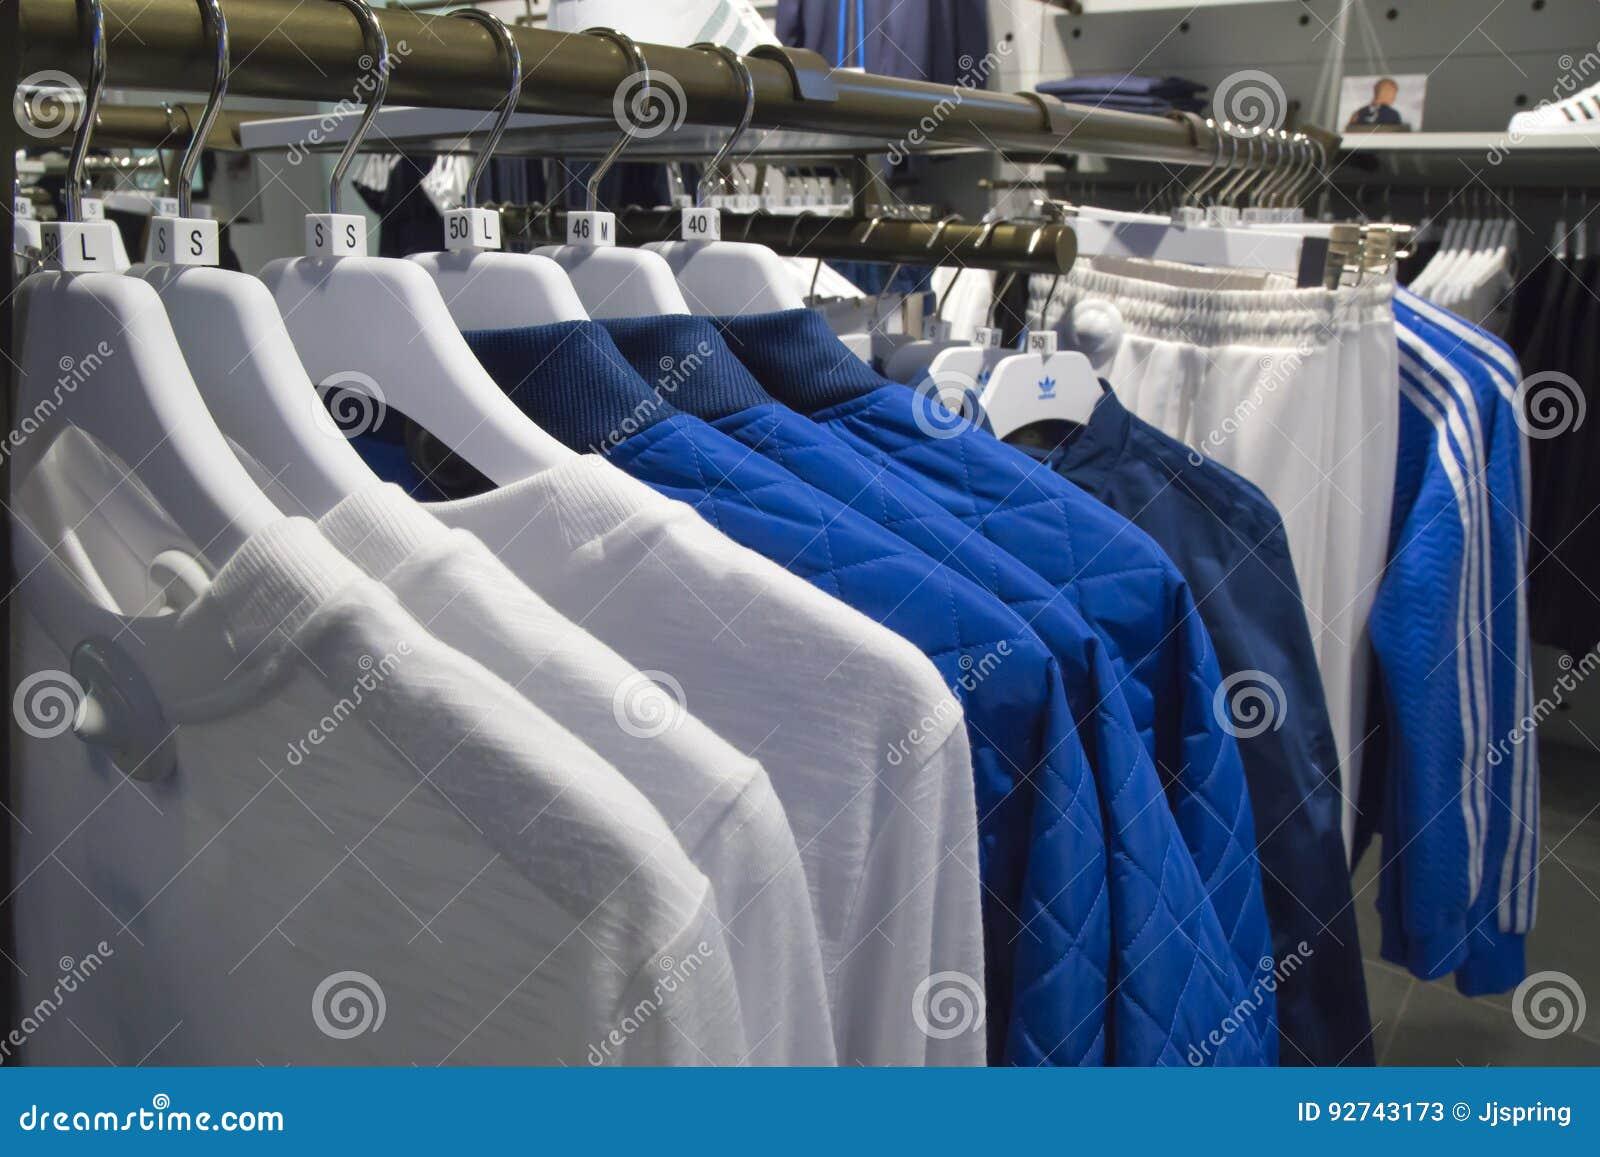 audición guirnalda Inmigración  El Deporte De Adidas Viste En Los Estantes En Una Tienda Foto de archivo  editorial - Imagen de adidas, tienda: 92743173